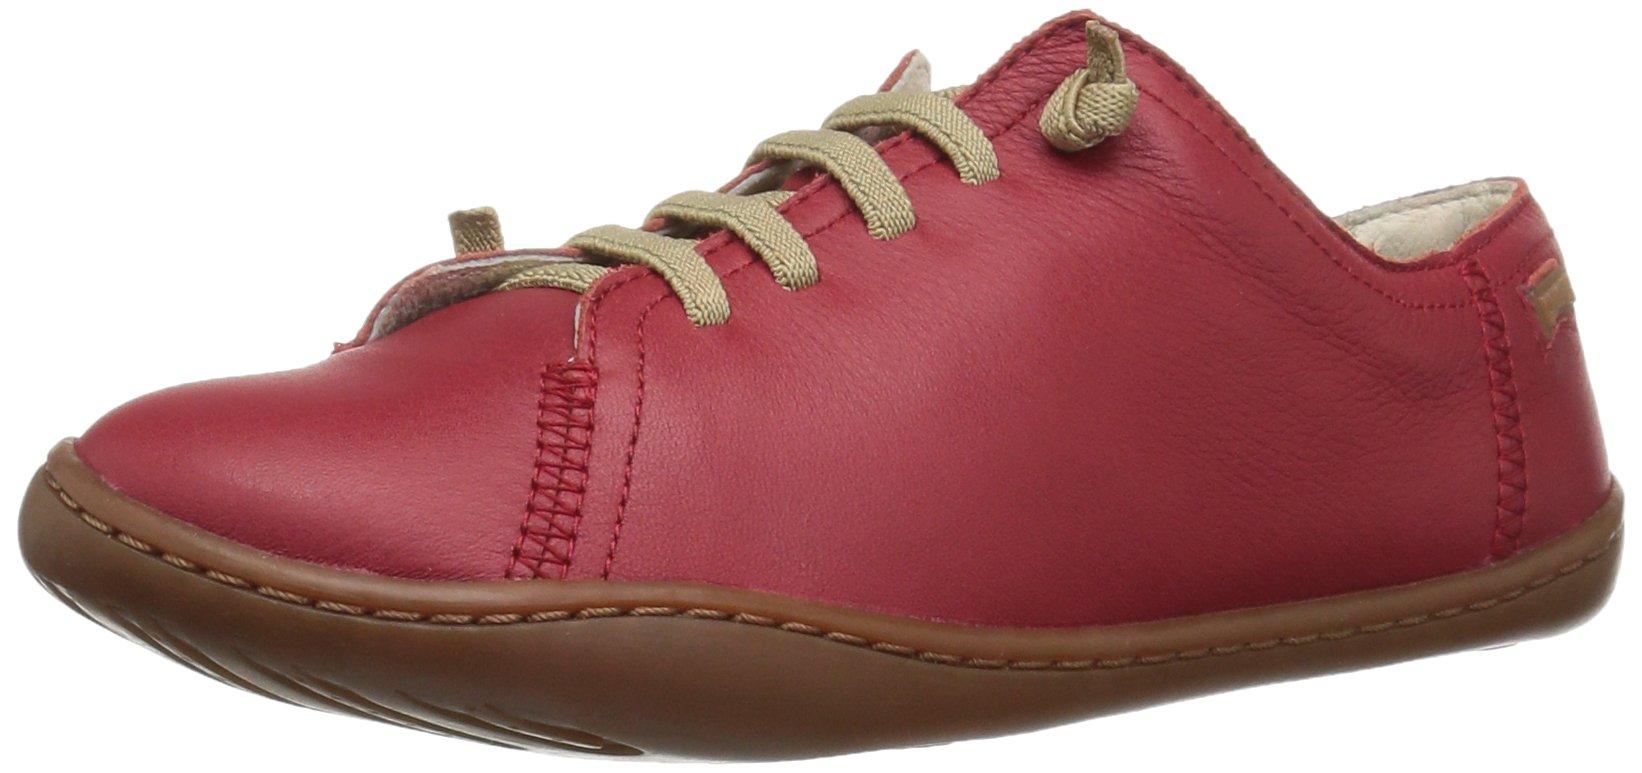 Camper Kids Unisex-Kids Peu Cami 80003 Sneaker, Red, 38 M EU Big Kid (7 US) by Camper